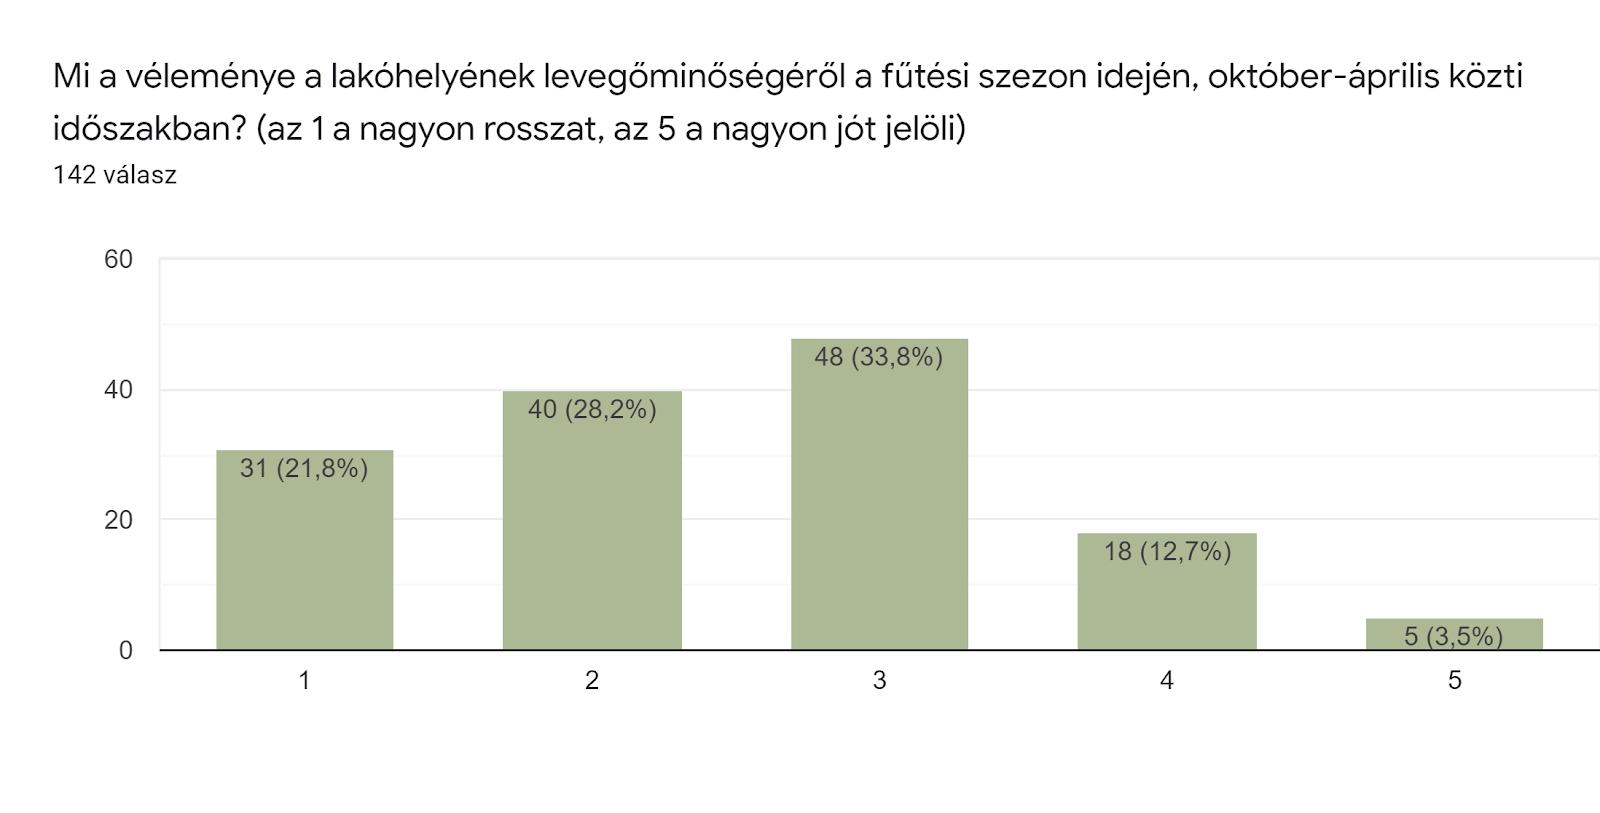 Űrlapok-válaszdiagram. Kérdés címe: Mi a véleménye a lakóhelyének levegőminőségéről a fűtési szezon idején, október-április közti időszakban? (az 1 a nagyon rosszat, az 5 a nagyon jót jelöli). Válaszok száma: 142 válasz.